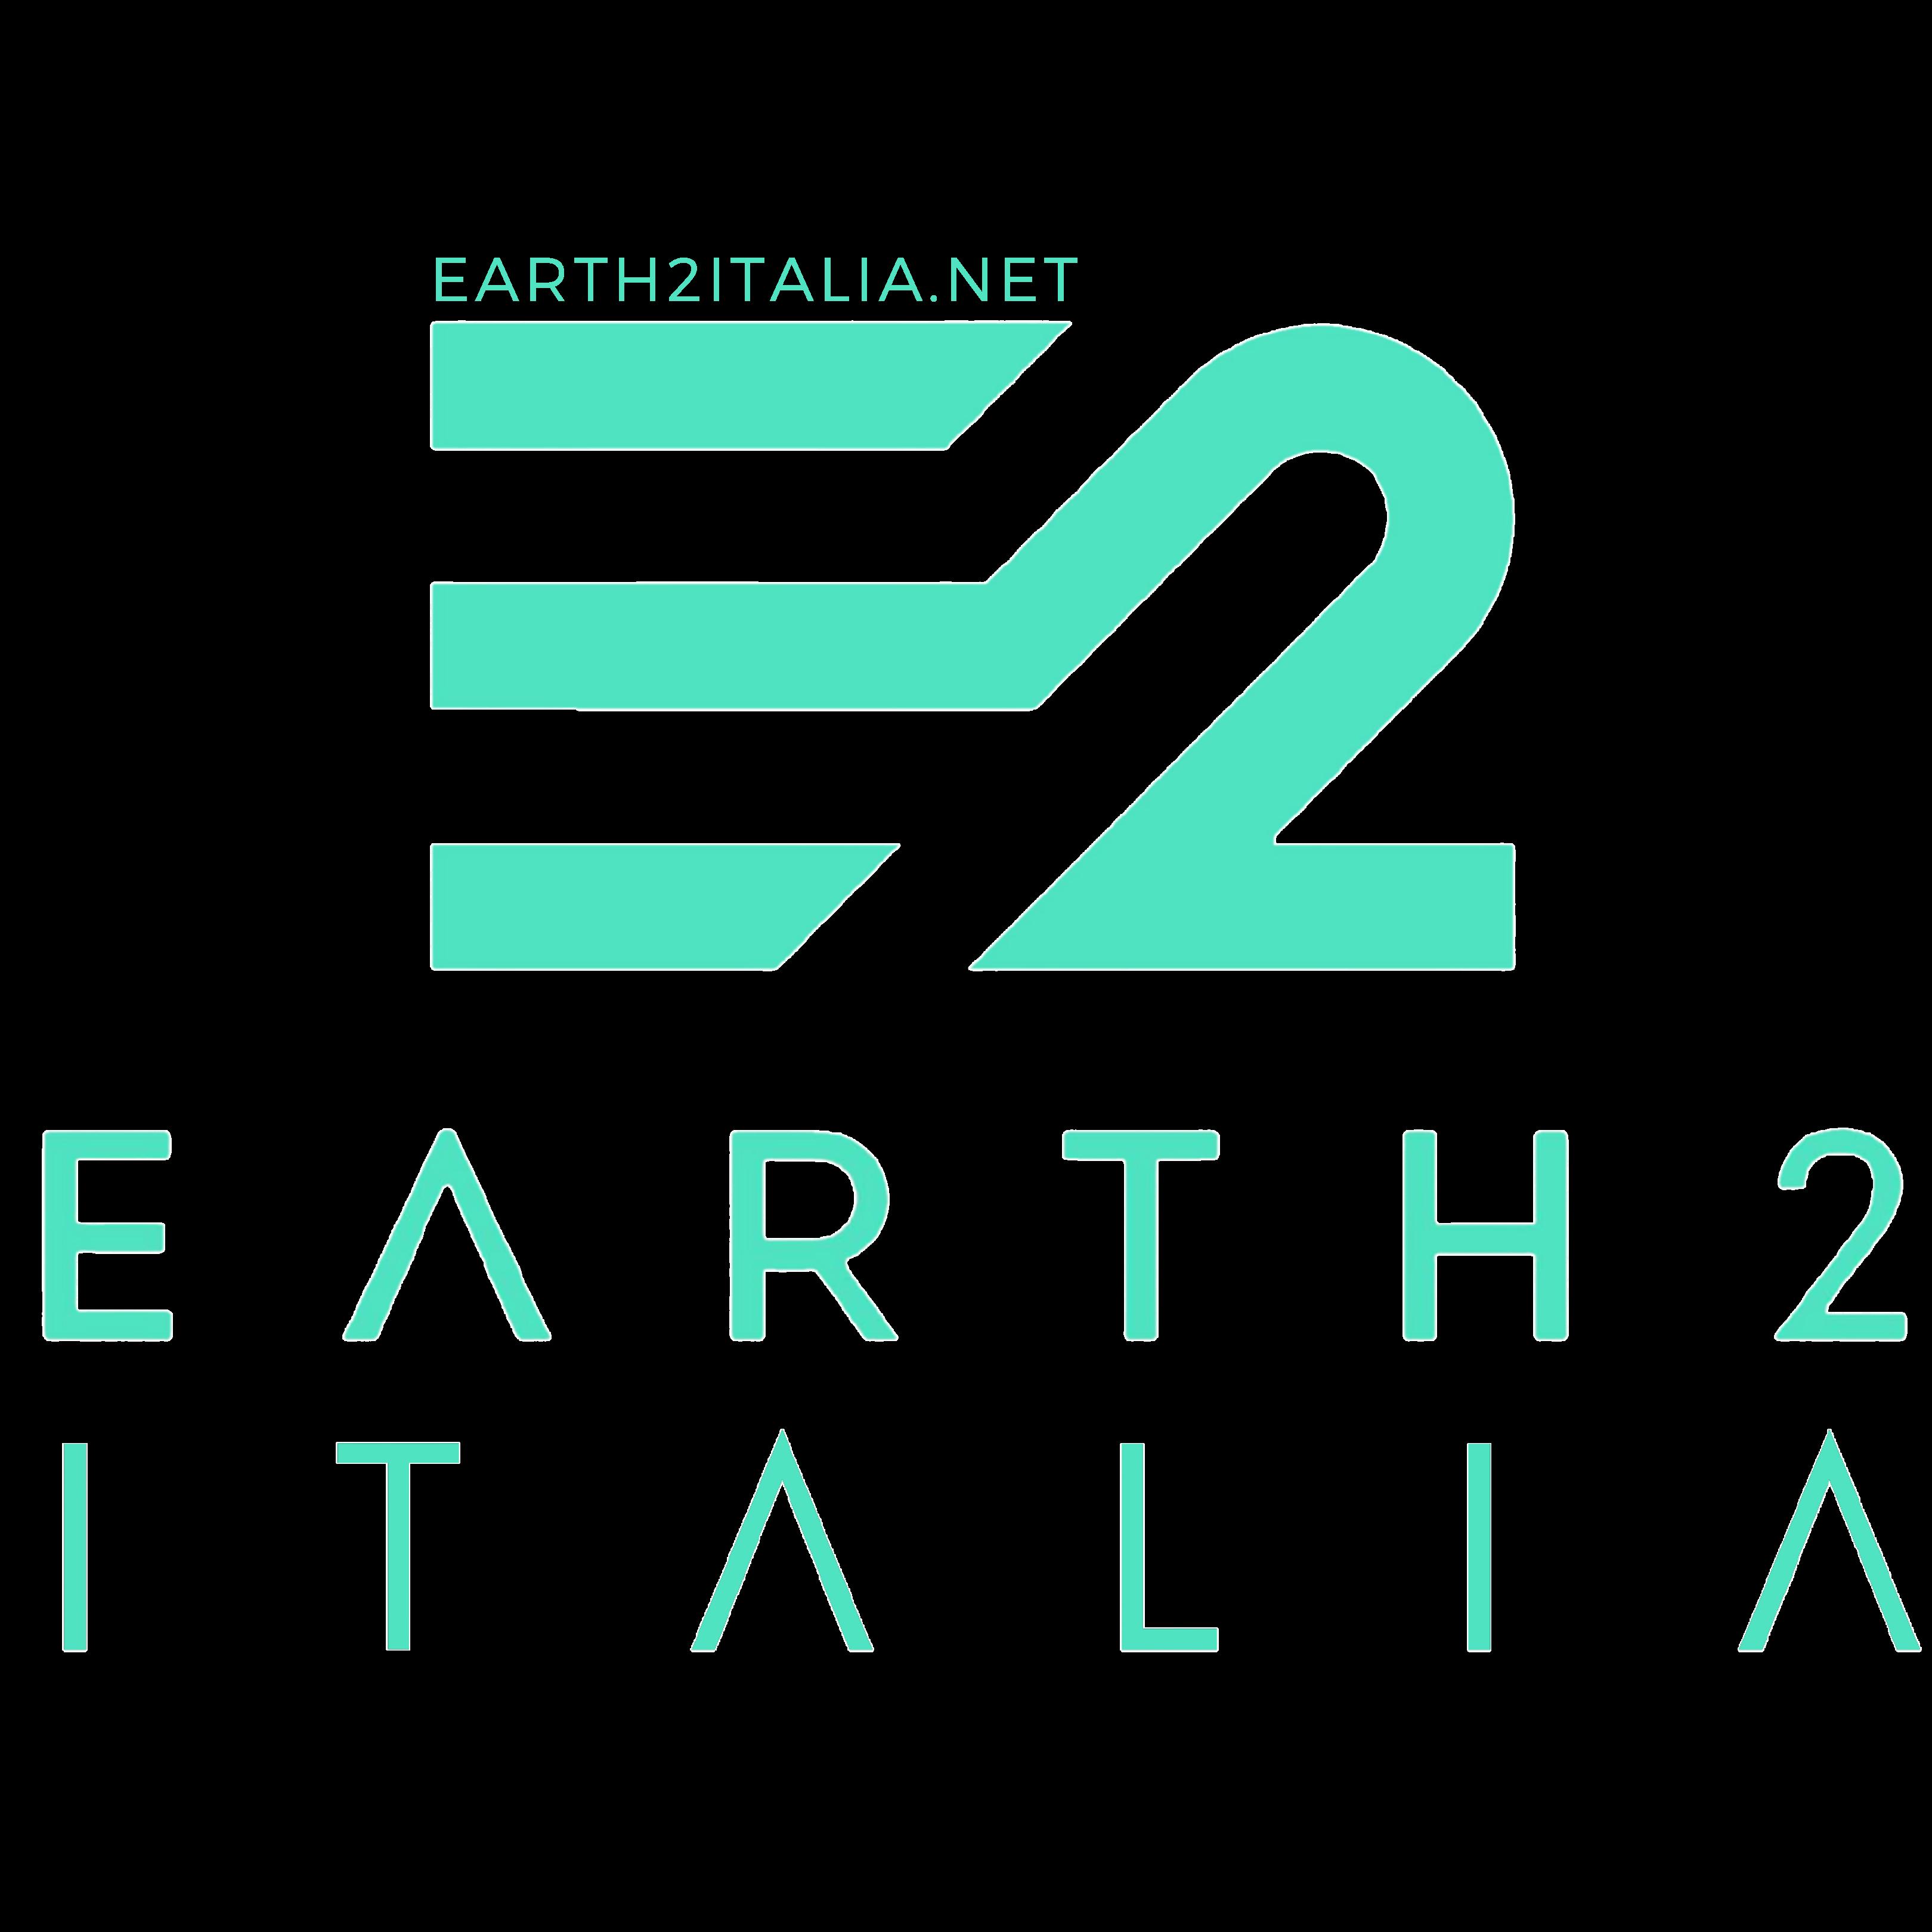 EARTH 2 ITALIA